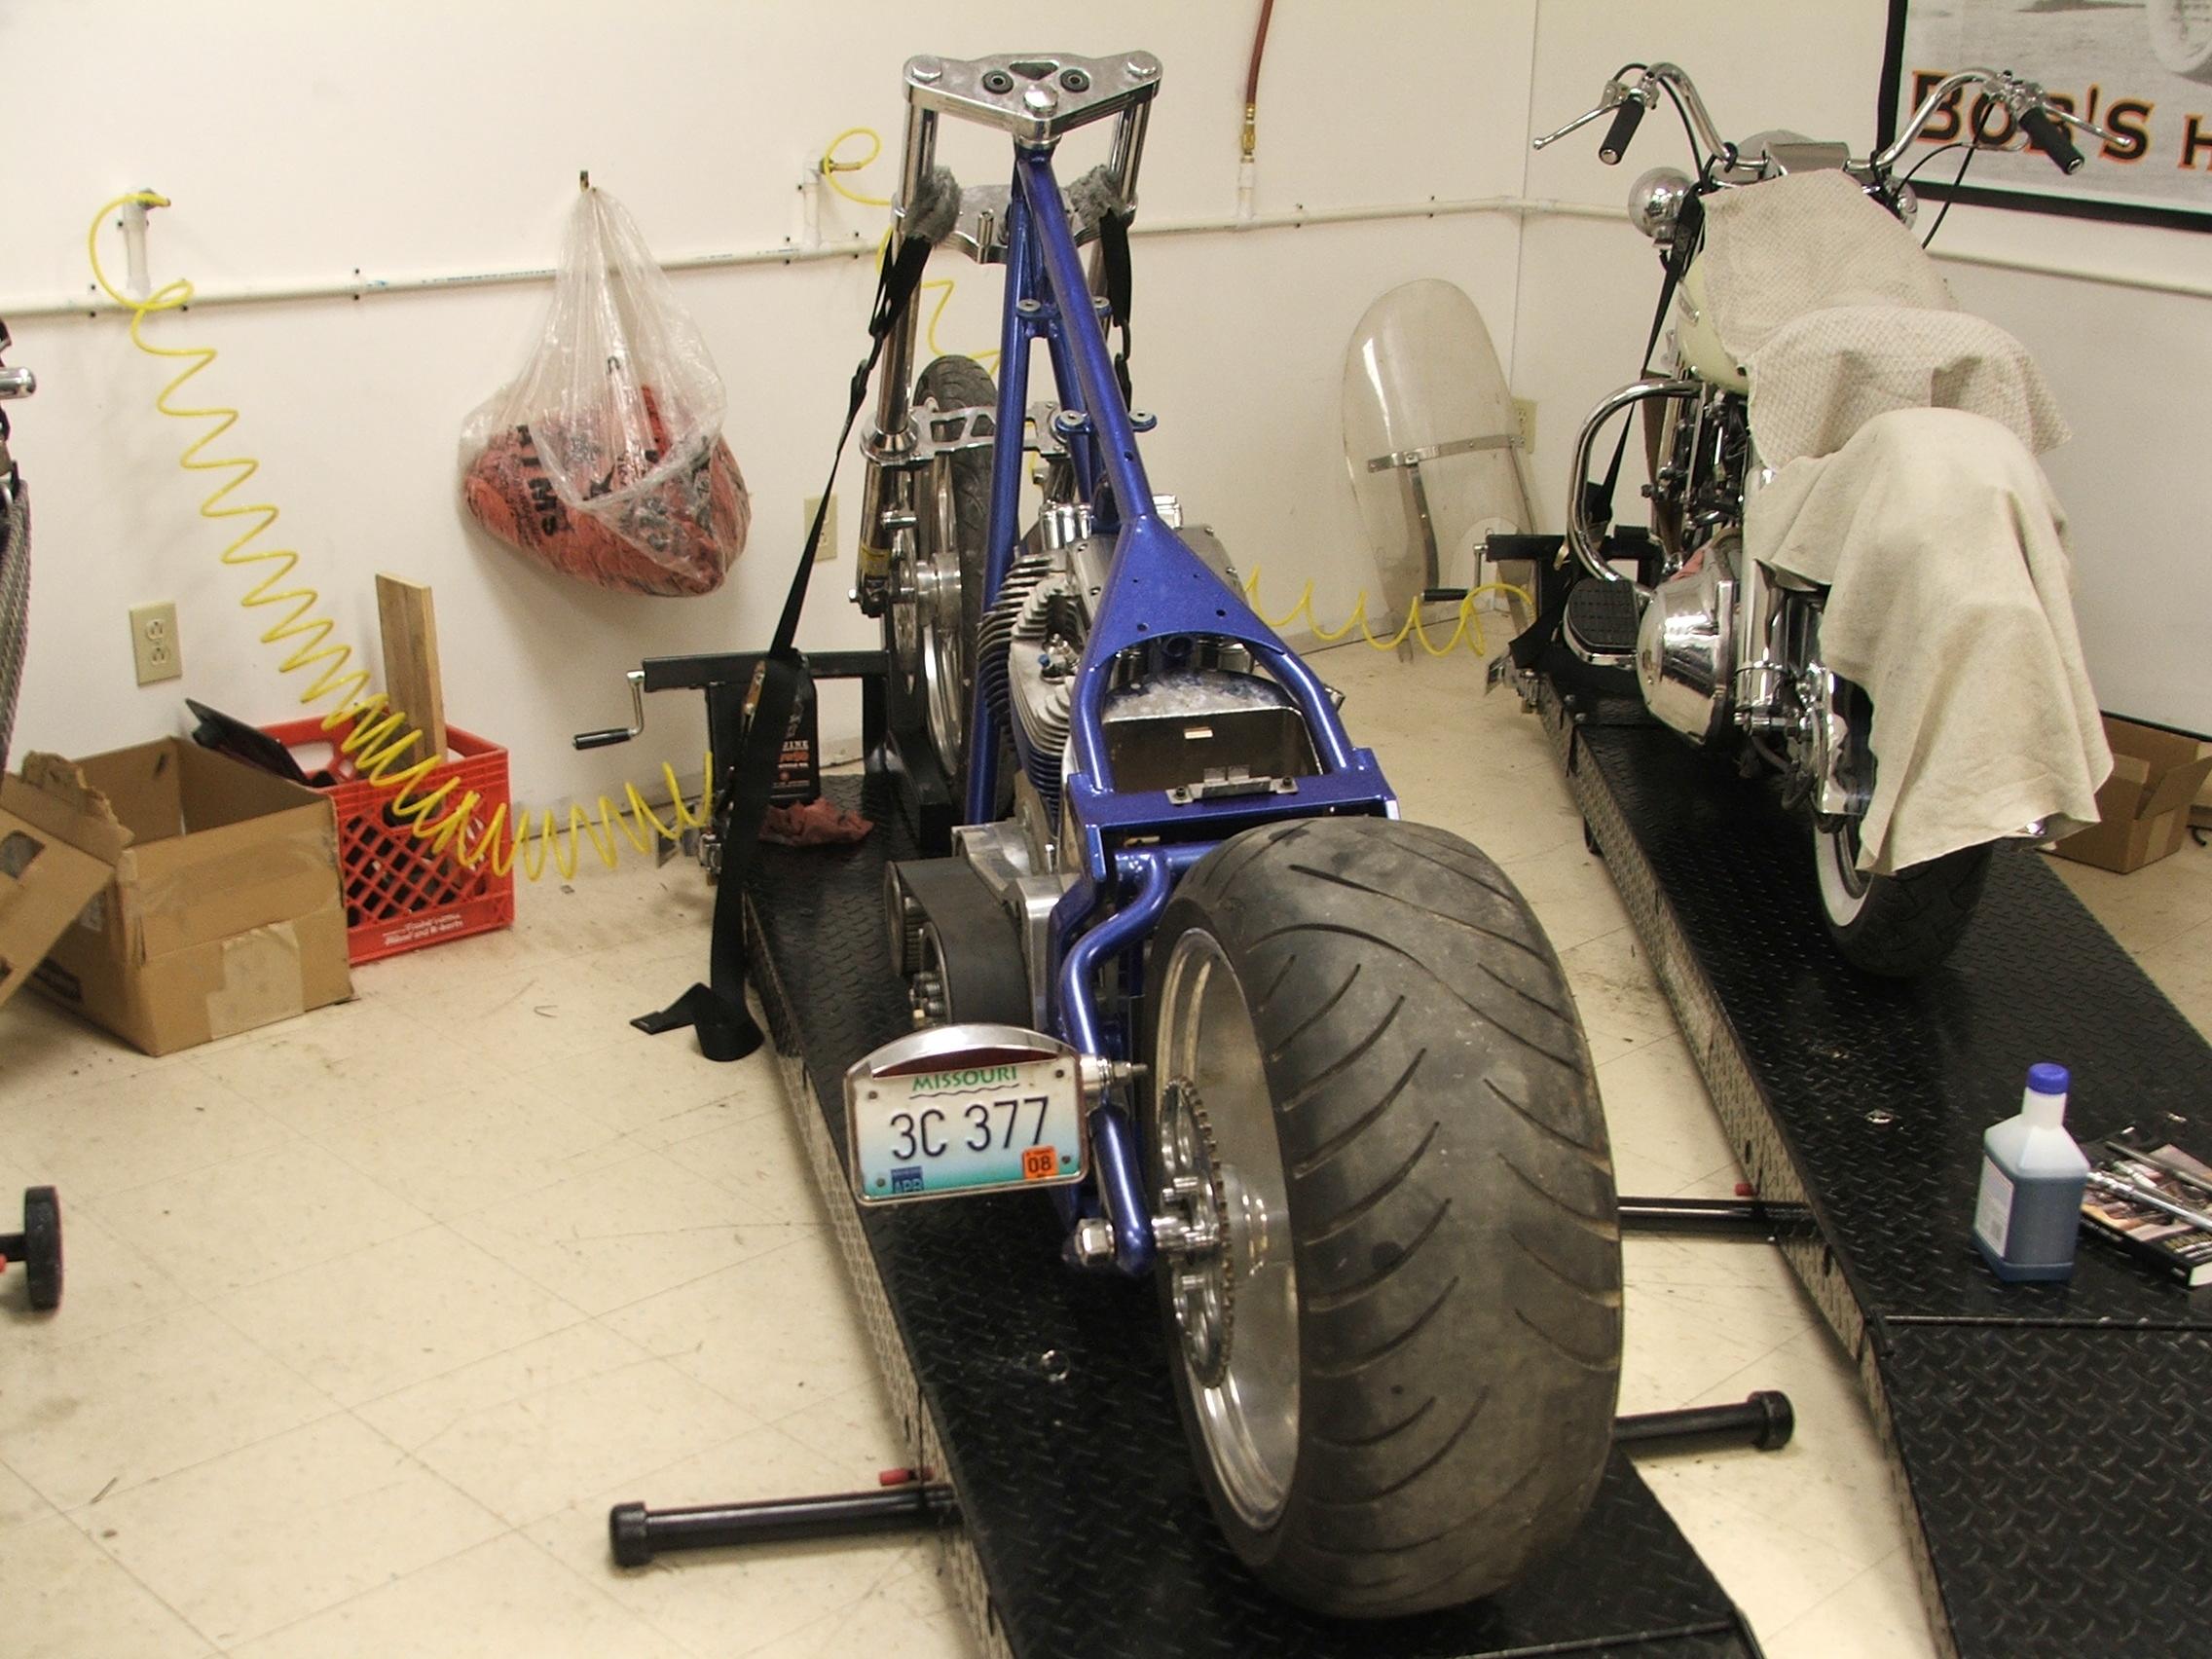 box-o-bike-8